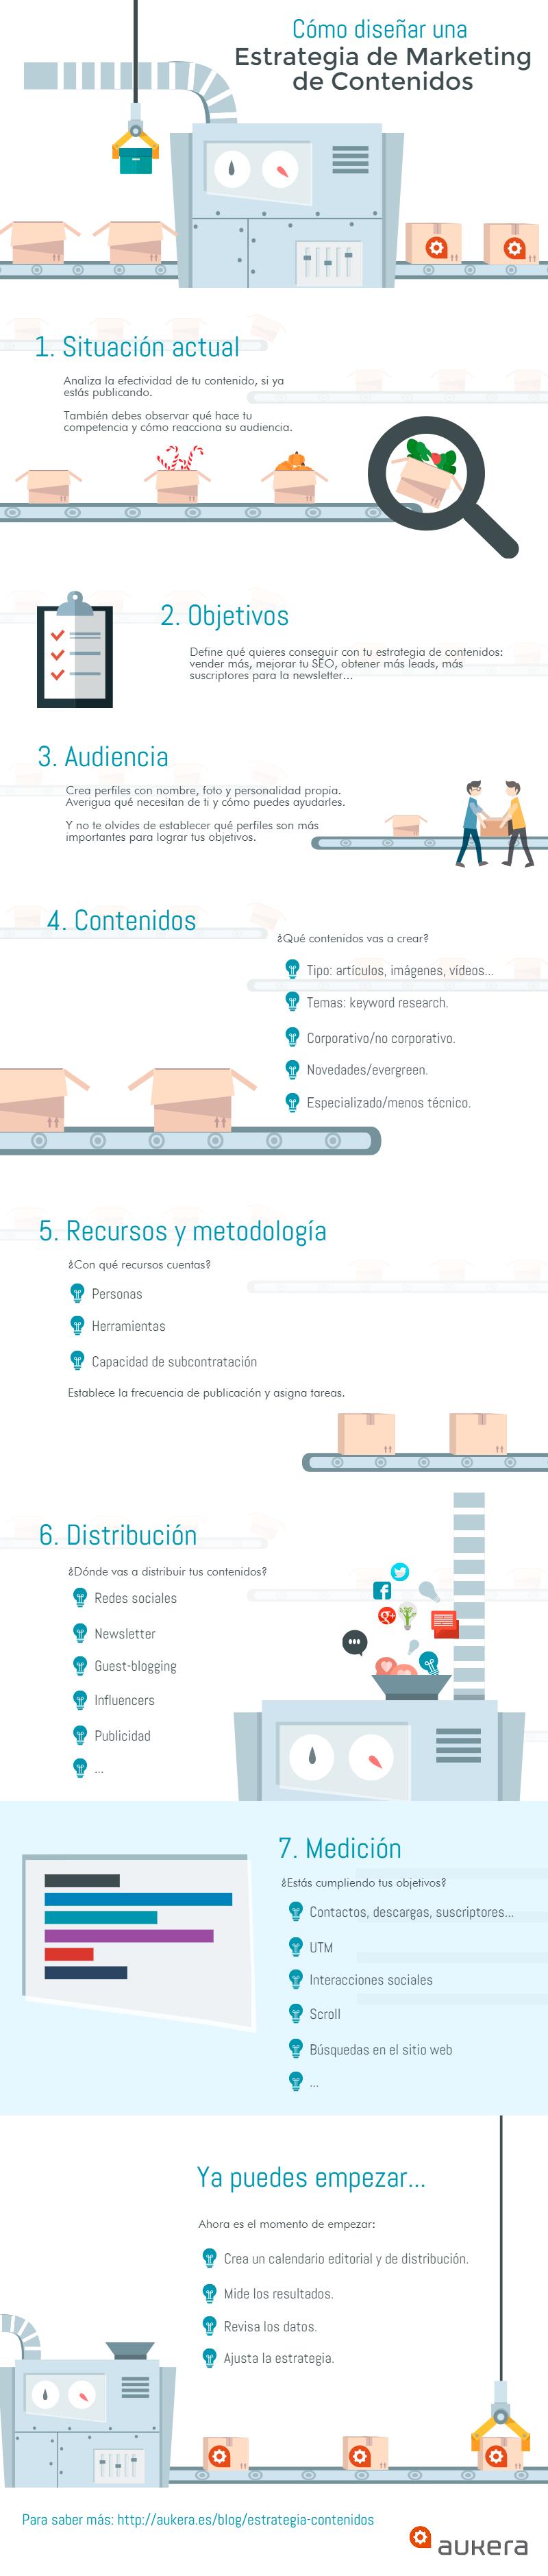 Infografía: cómo diseñar una estrategia de marketing de contenidos